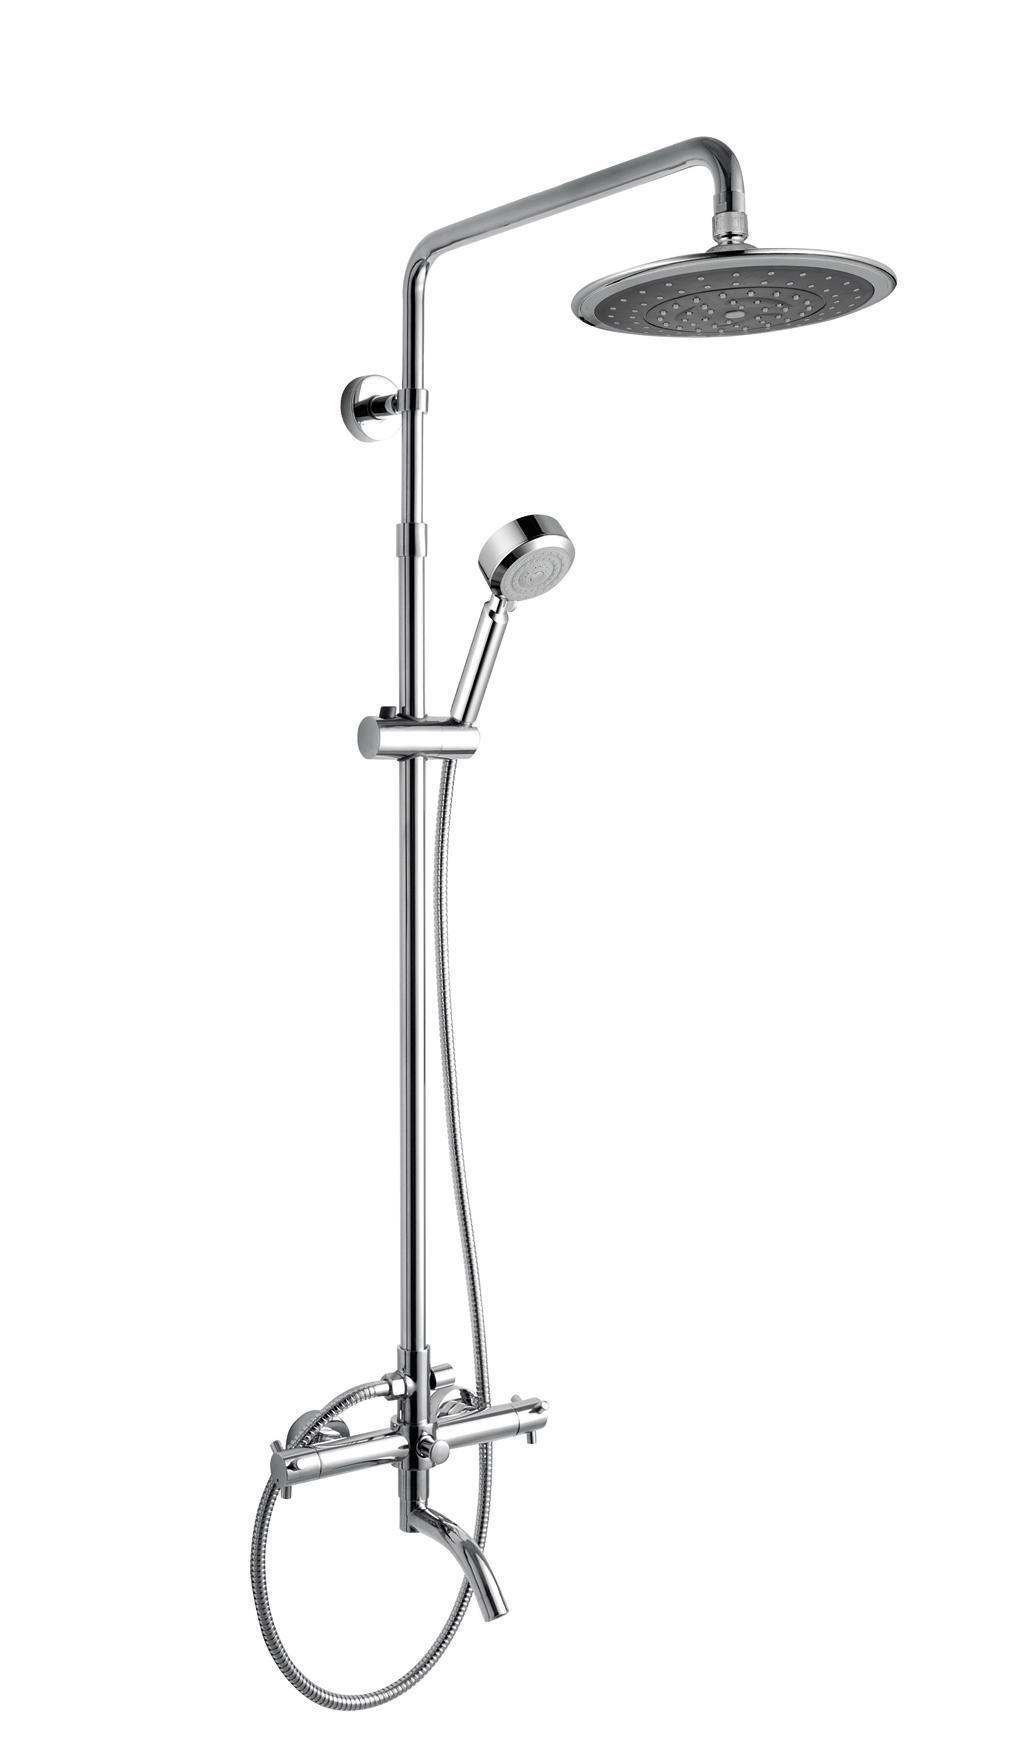 鹰卫浴一体式淋浴柱EB-38601001EB-38601001